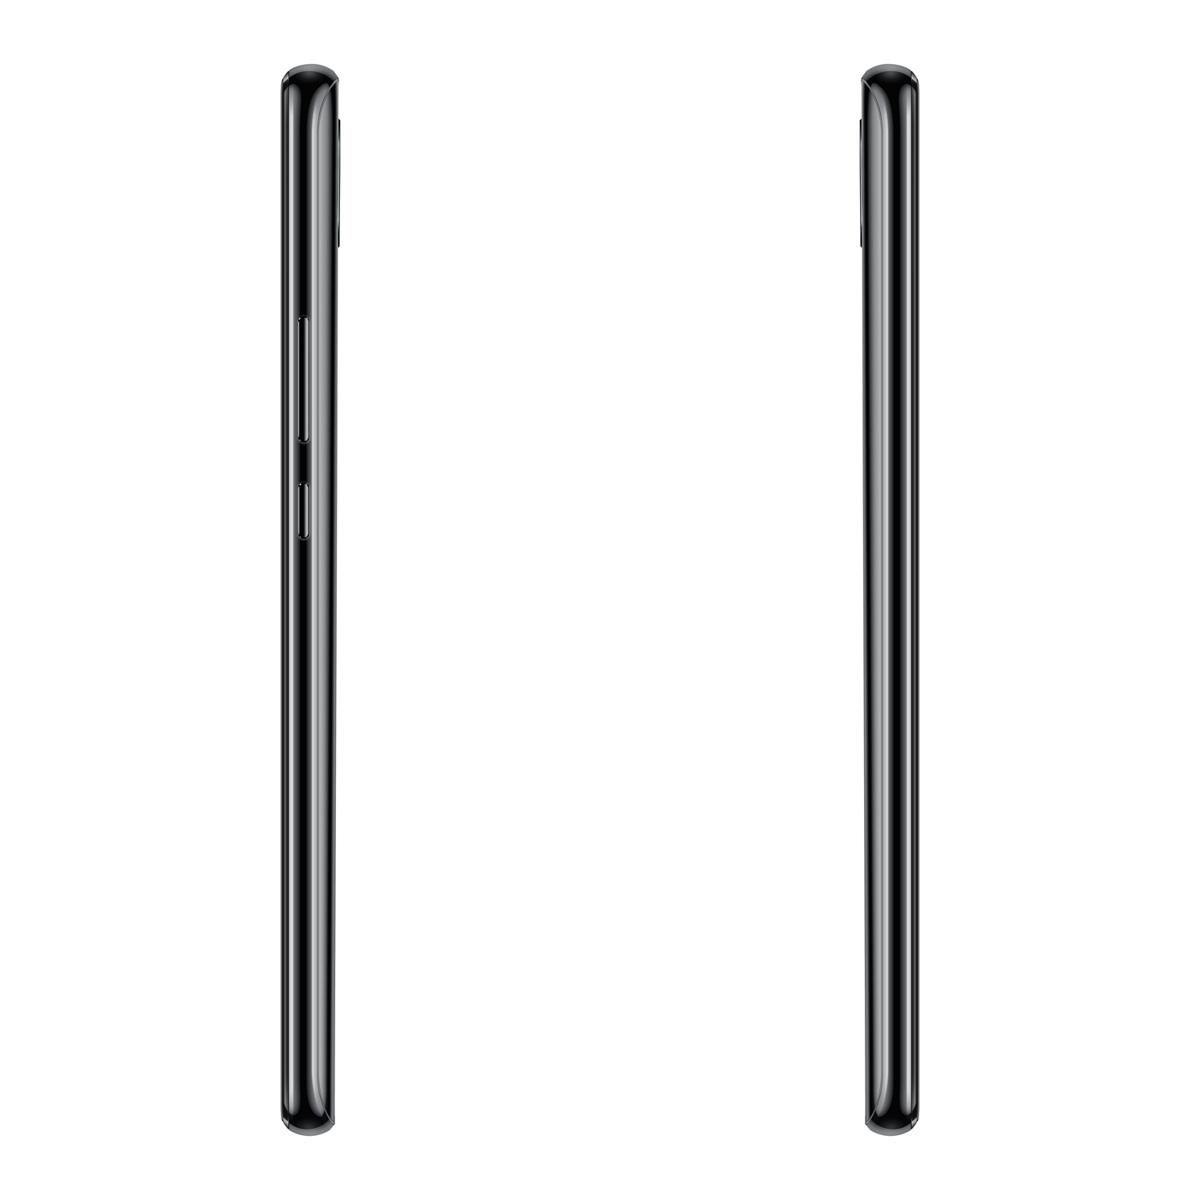 Buy Huawei Y9 Prime (2019) (4GB+128GB) (Black) | Model HU-Y9